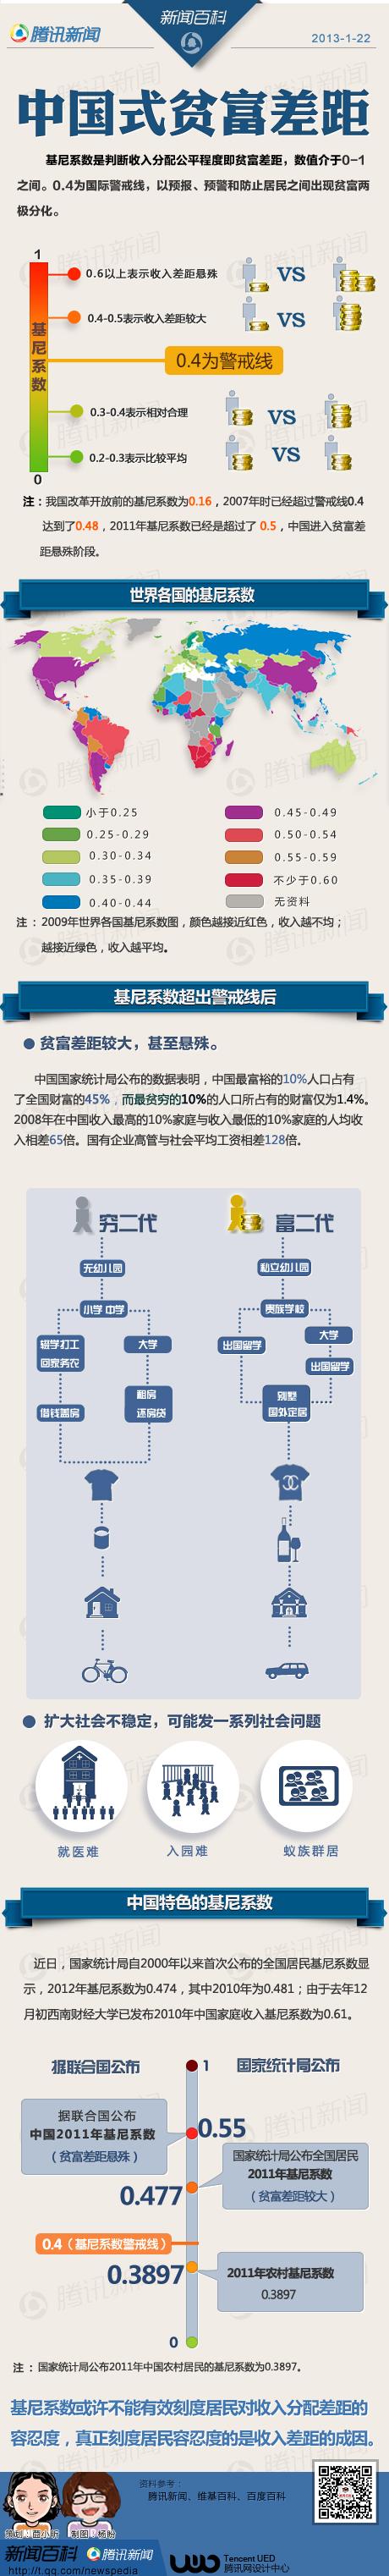 资料:当今中国的贫富差距 - 太行山水 - ﹏太行▲山水﹏